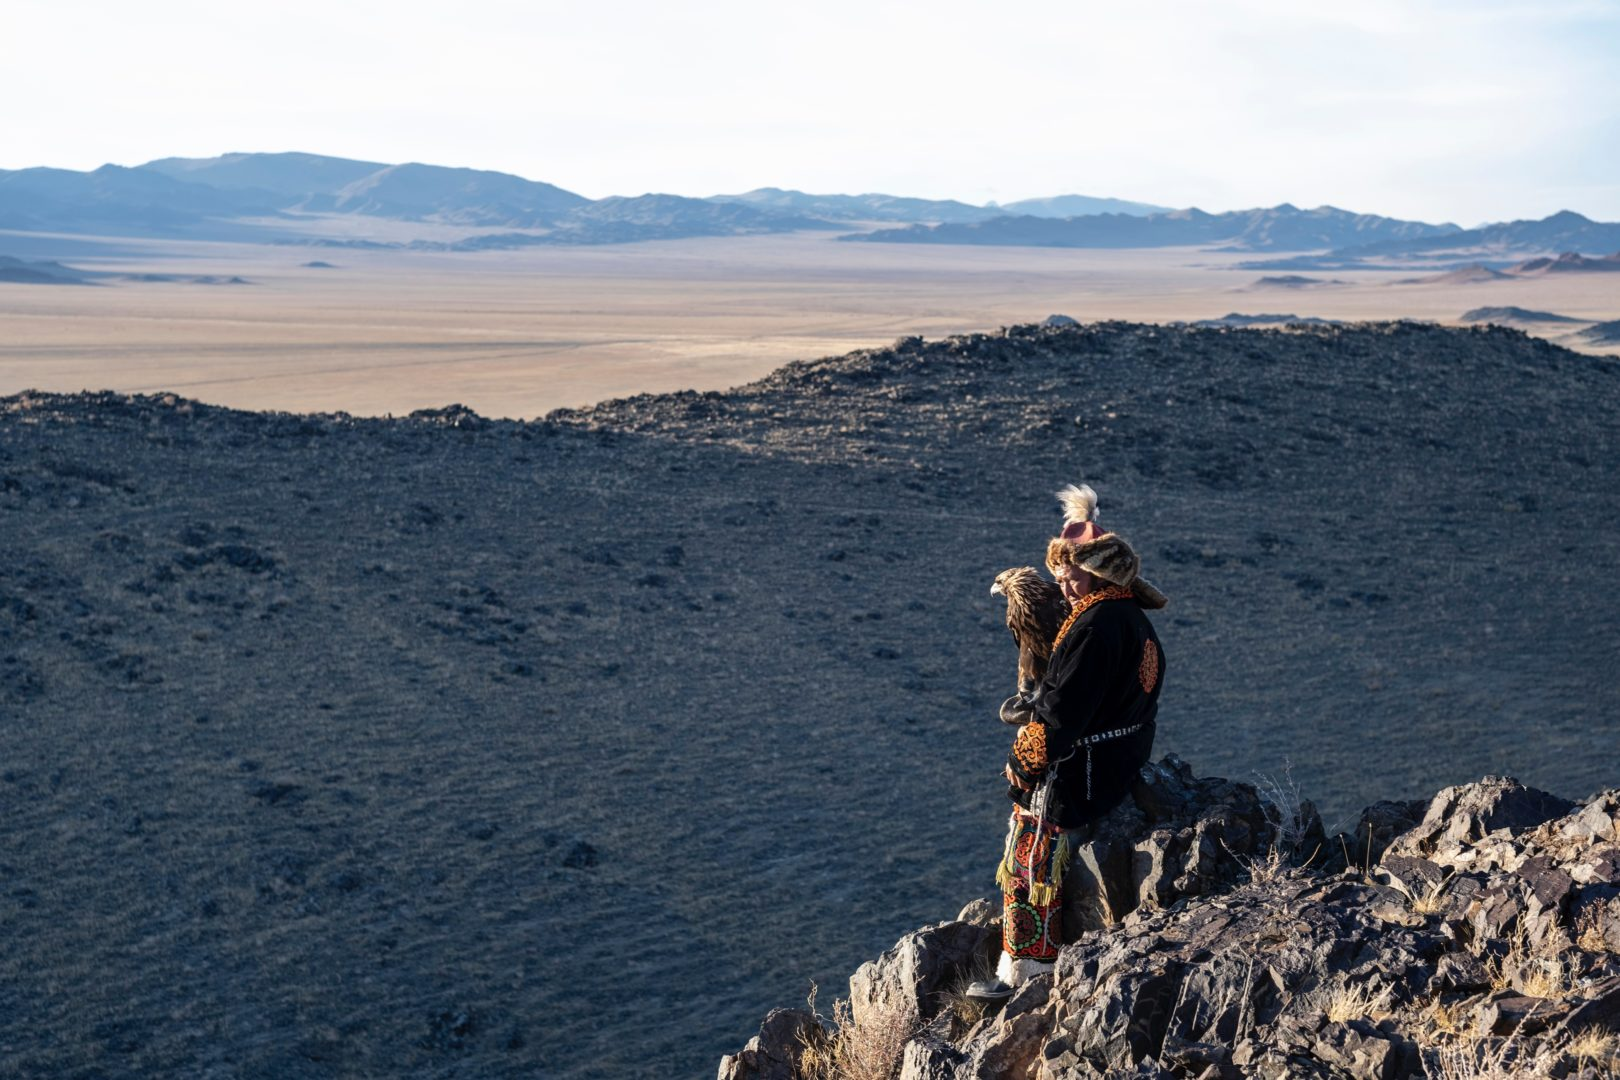 Mongolei-Reise: Kasachischer Adlerjäger in Tracht